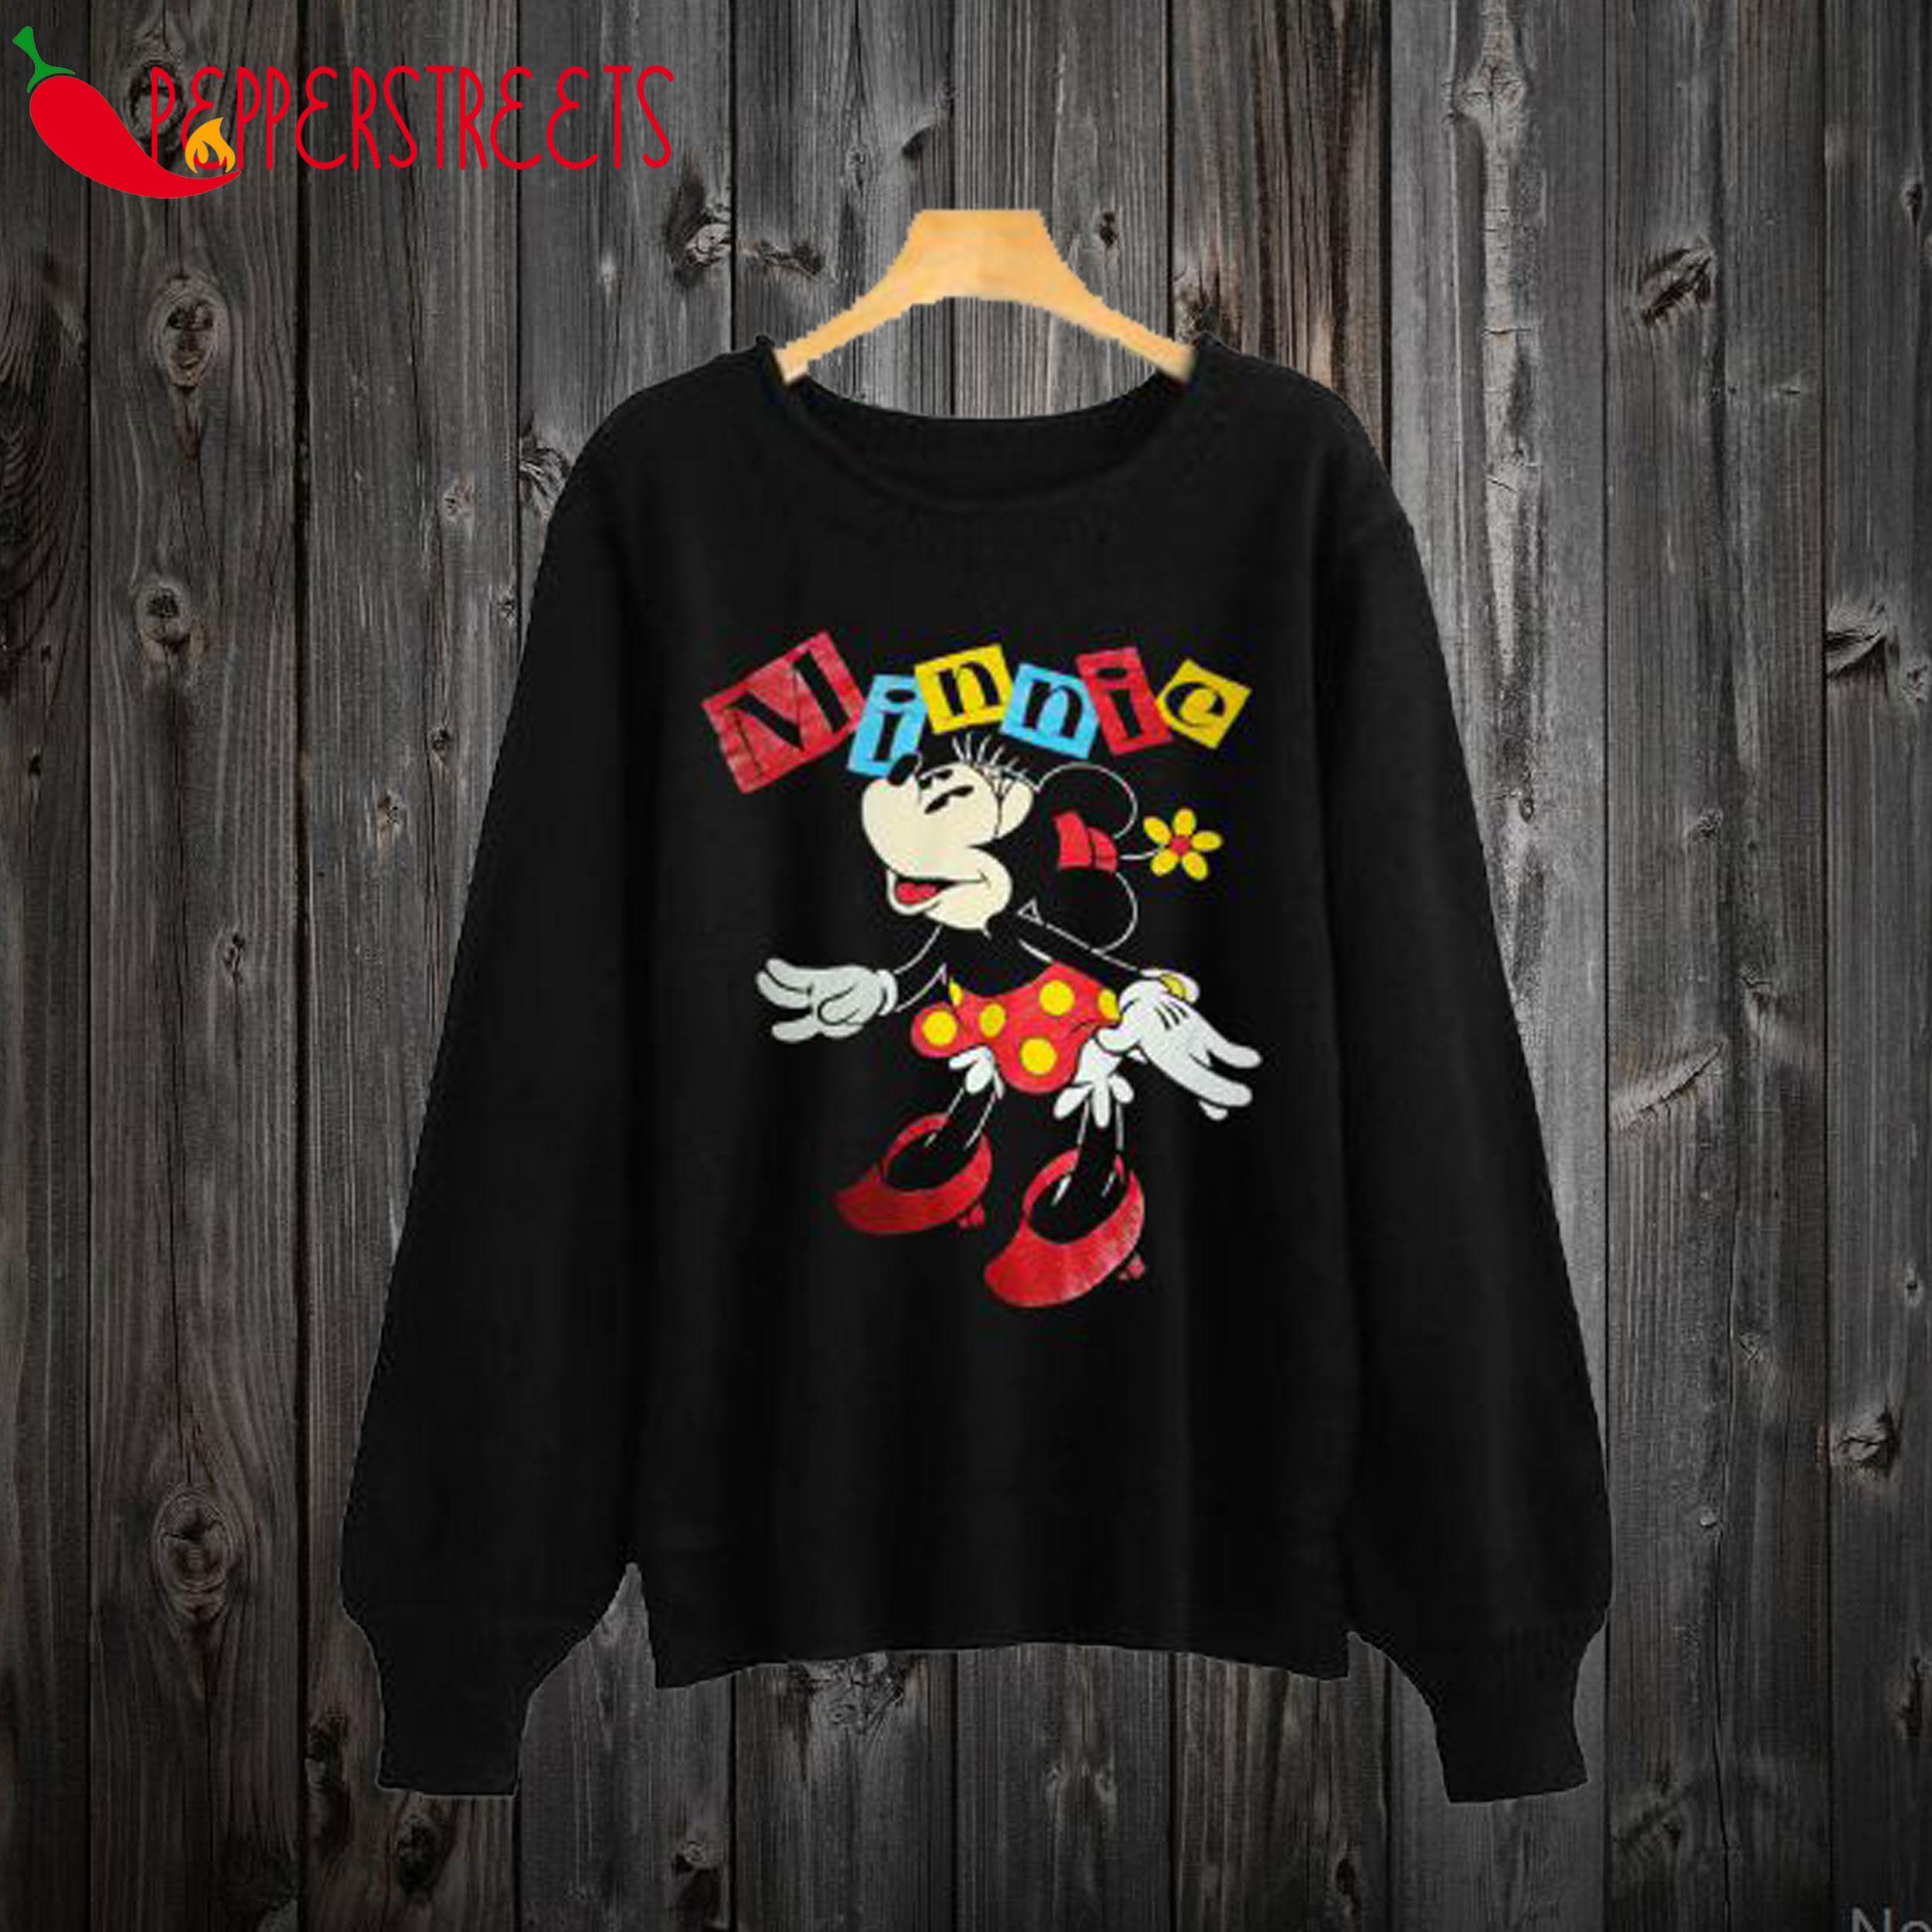 Vintage Minnie Mouse Black Sweatshirt